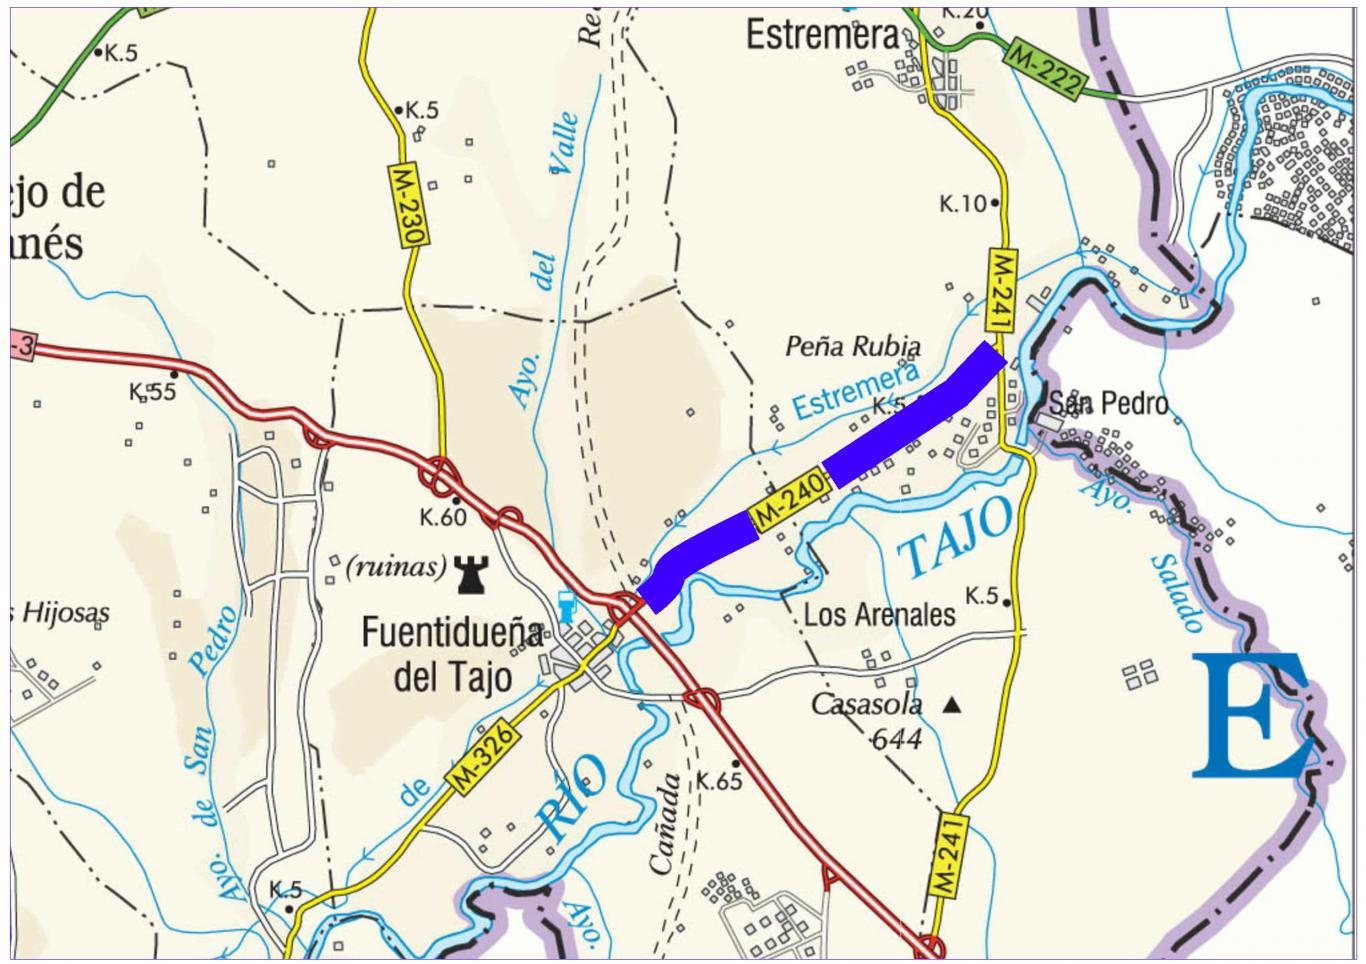 Plano de situación de la obra M-240 pk 0,000-6,000